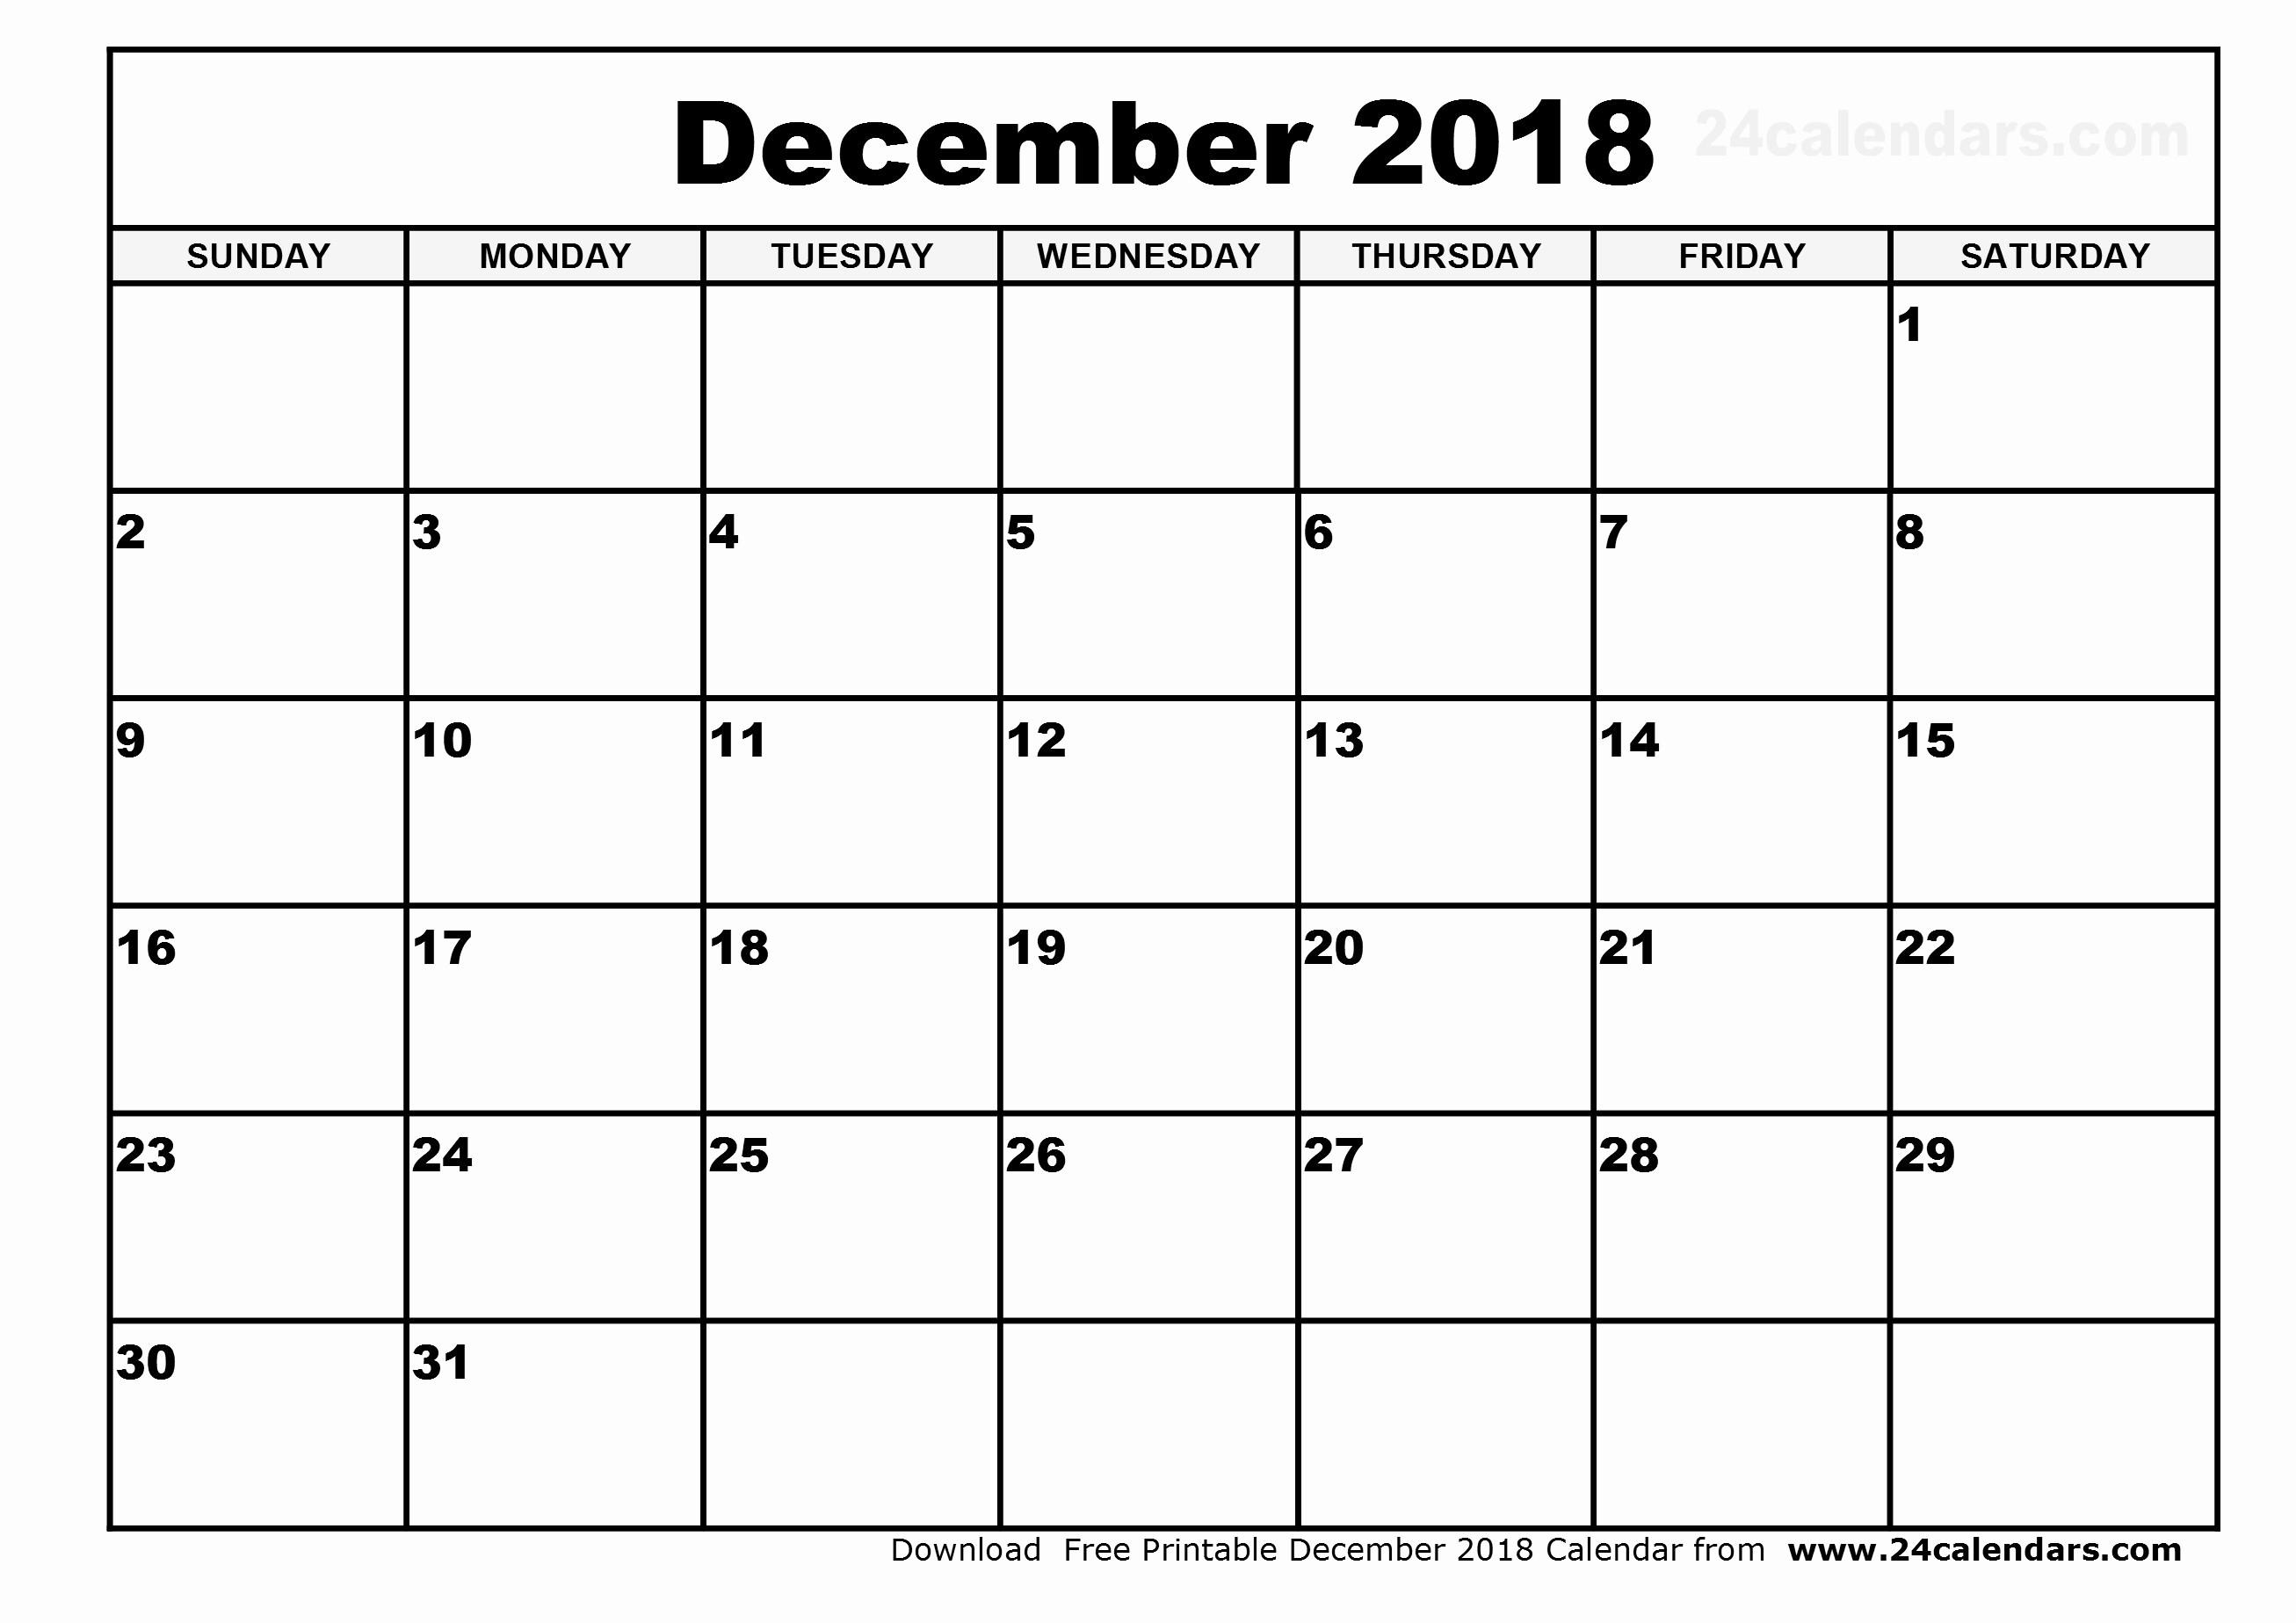 Printable Calendar December 2018 Landscape New Printable Landscape August 2018 Calandar